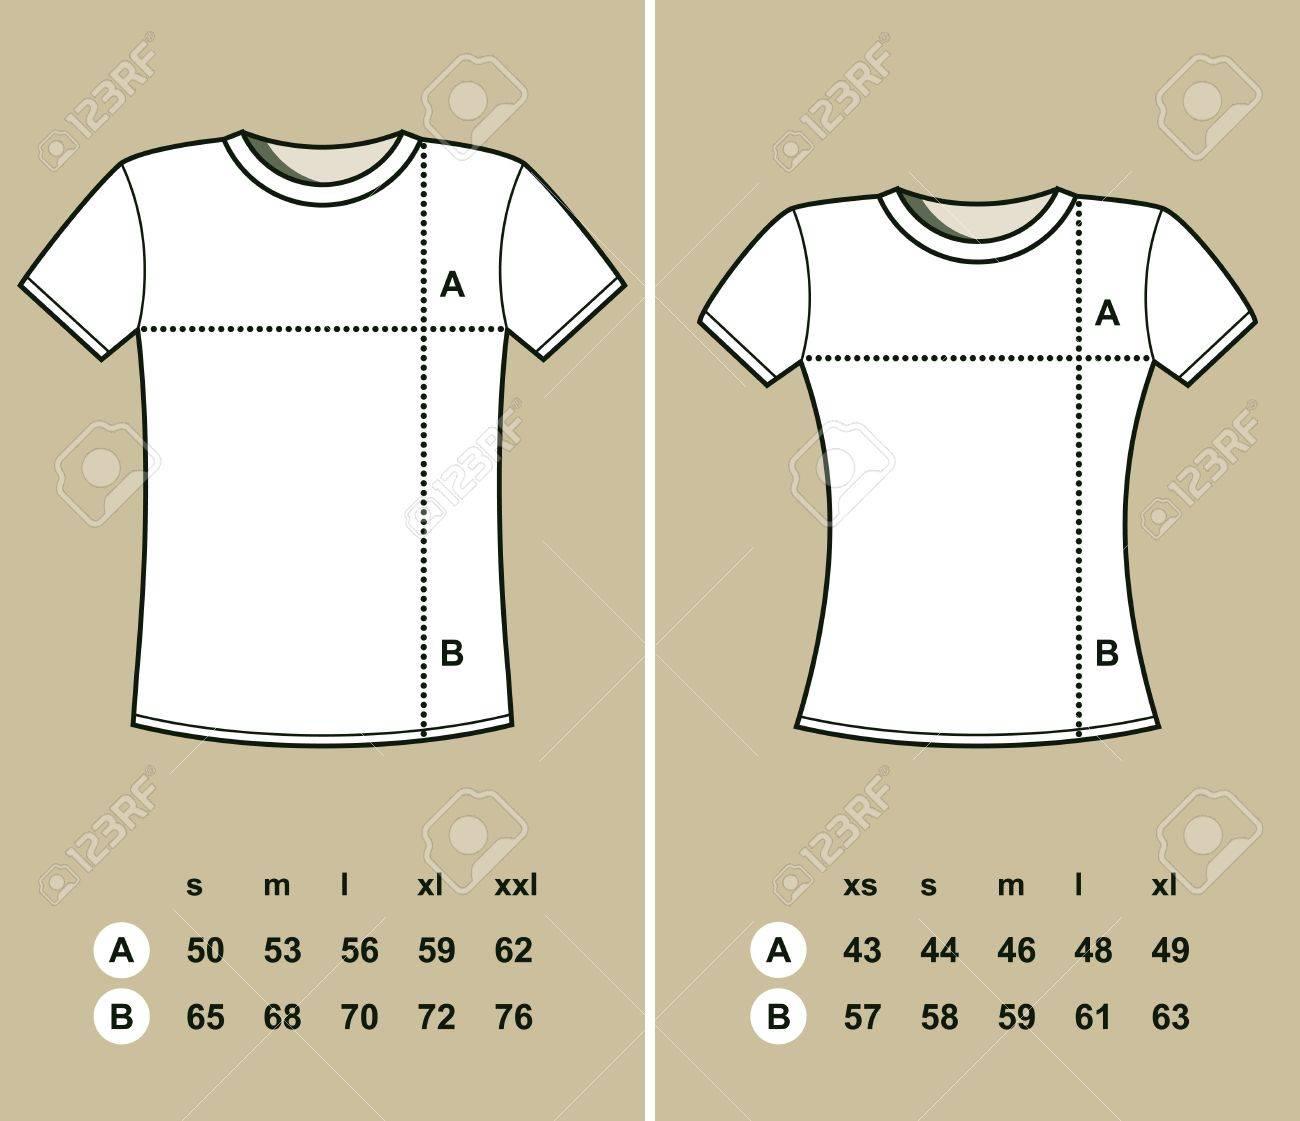 women to men shirt size